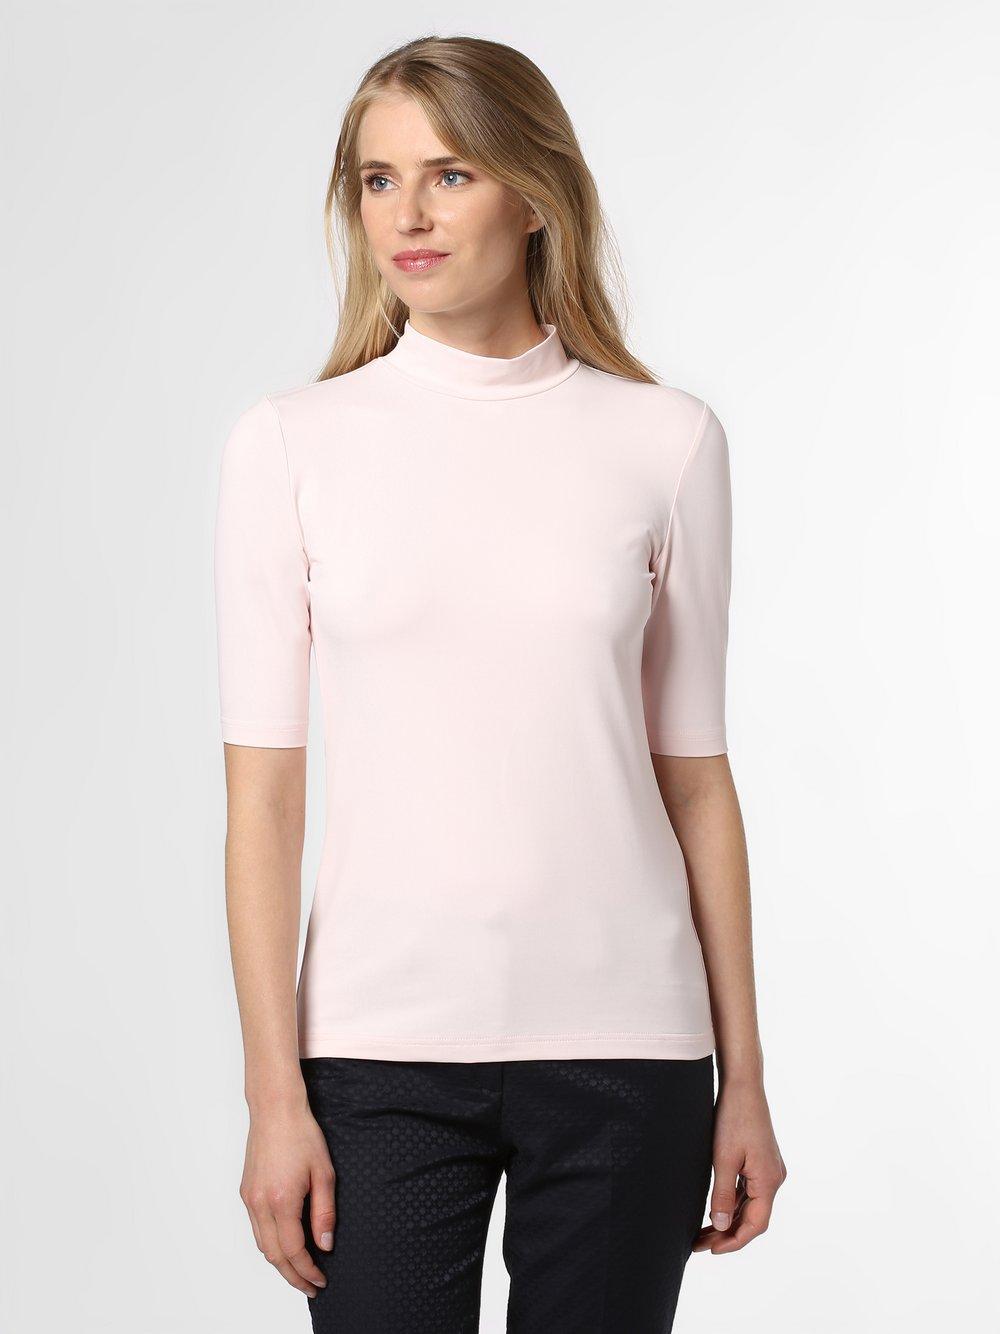 Apriori - T-shirt damski, różowy